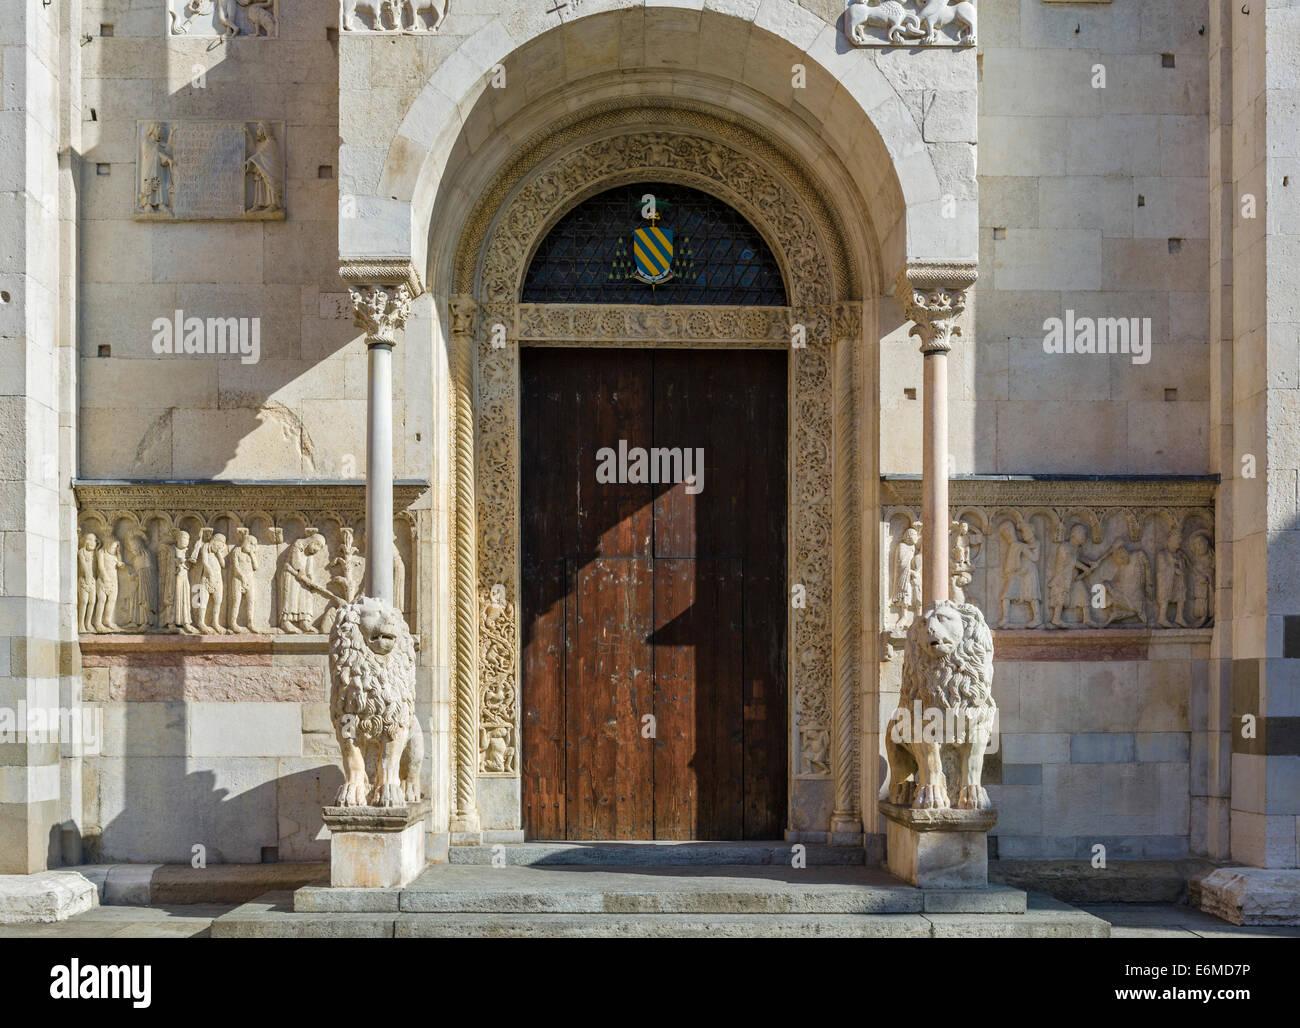 Löwen und Wiligelmo Reliefs durch die Tür in der Westfassade des Duomo, Piazza Duomo, Modena, Emilia Romagna, Stockbild